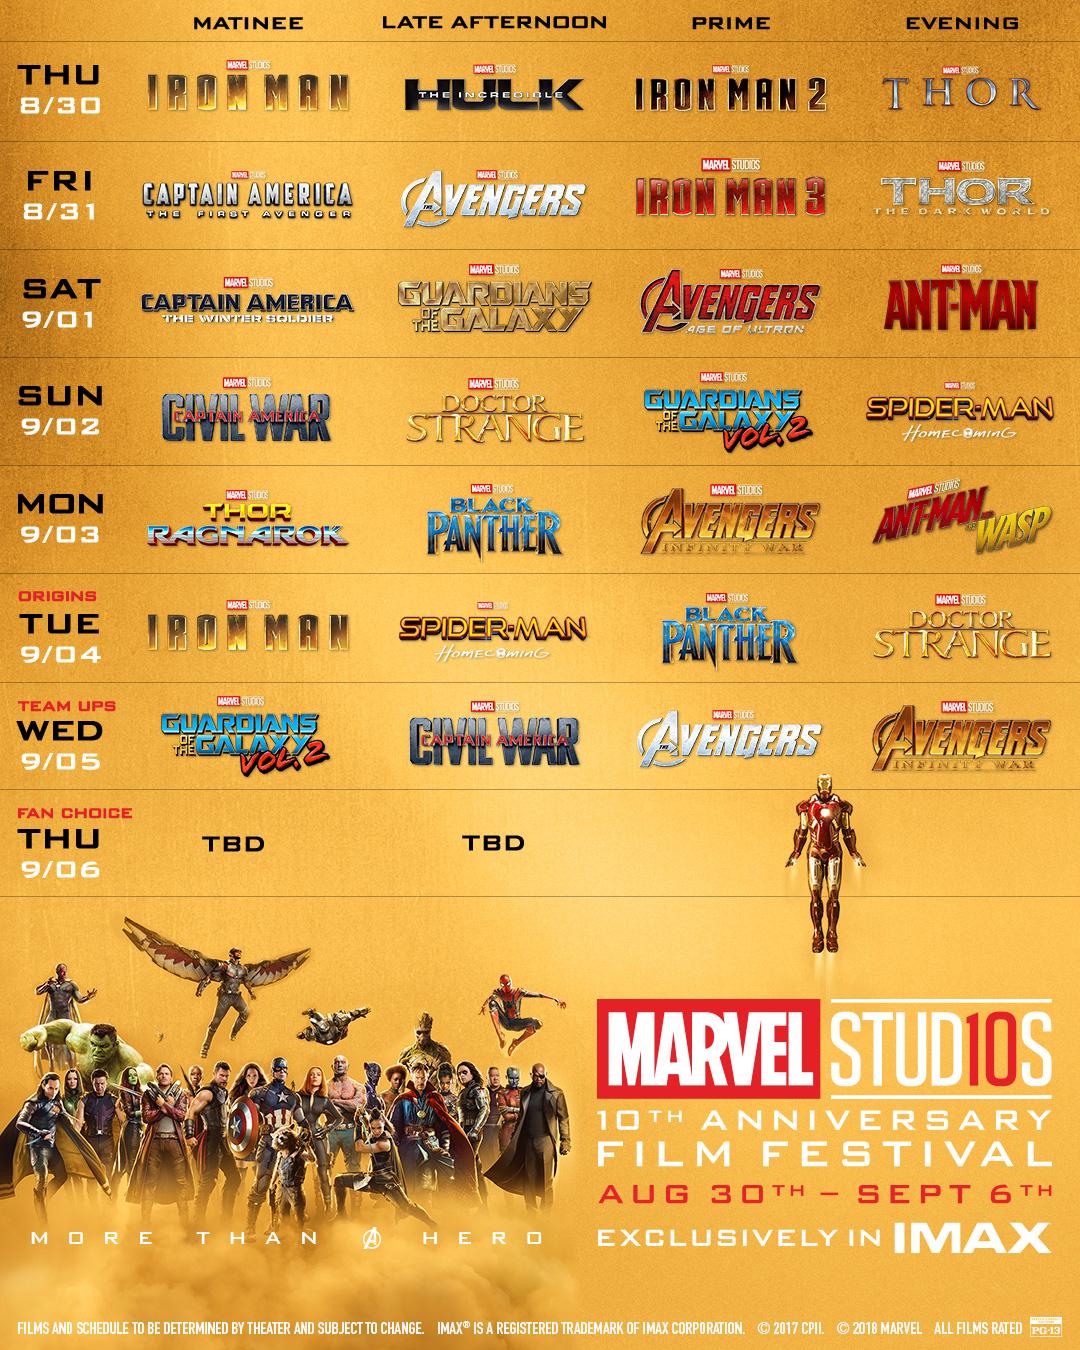 Marvel movie dates in Brisbane